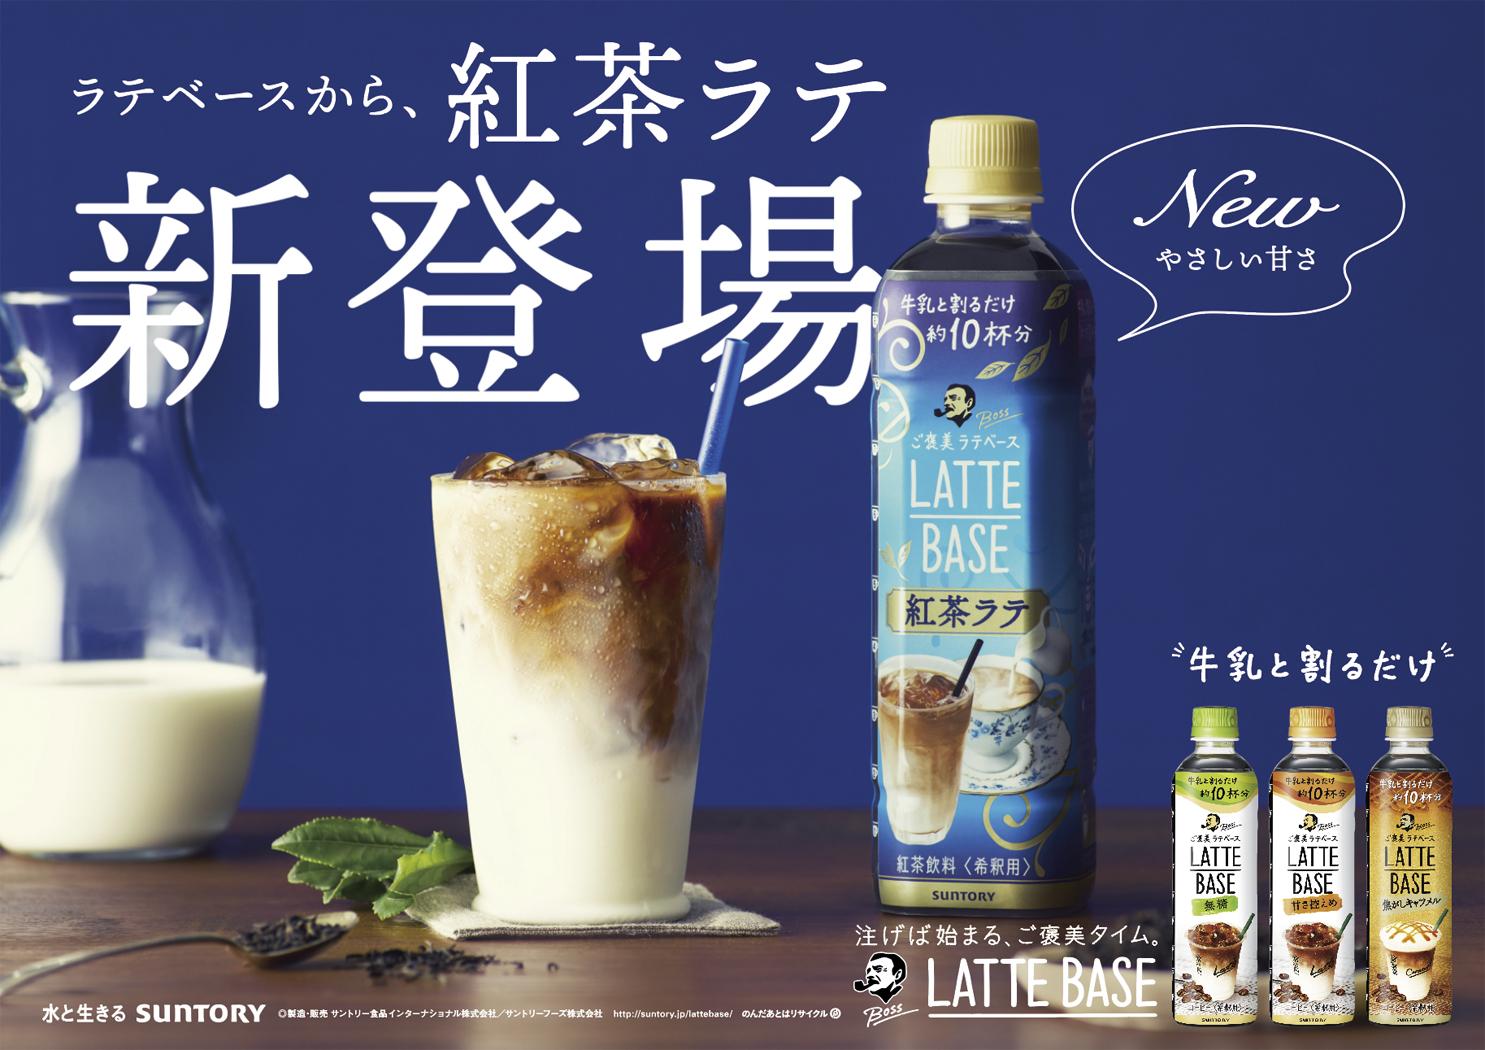 Suntory boss LatteBase tealatte B3board